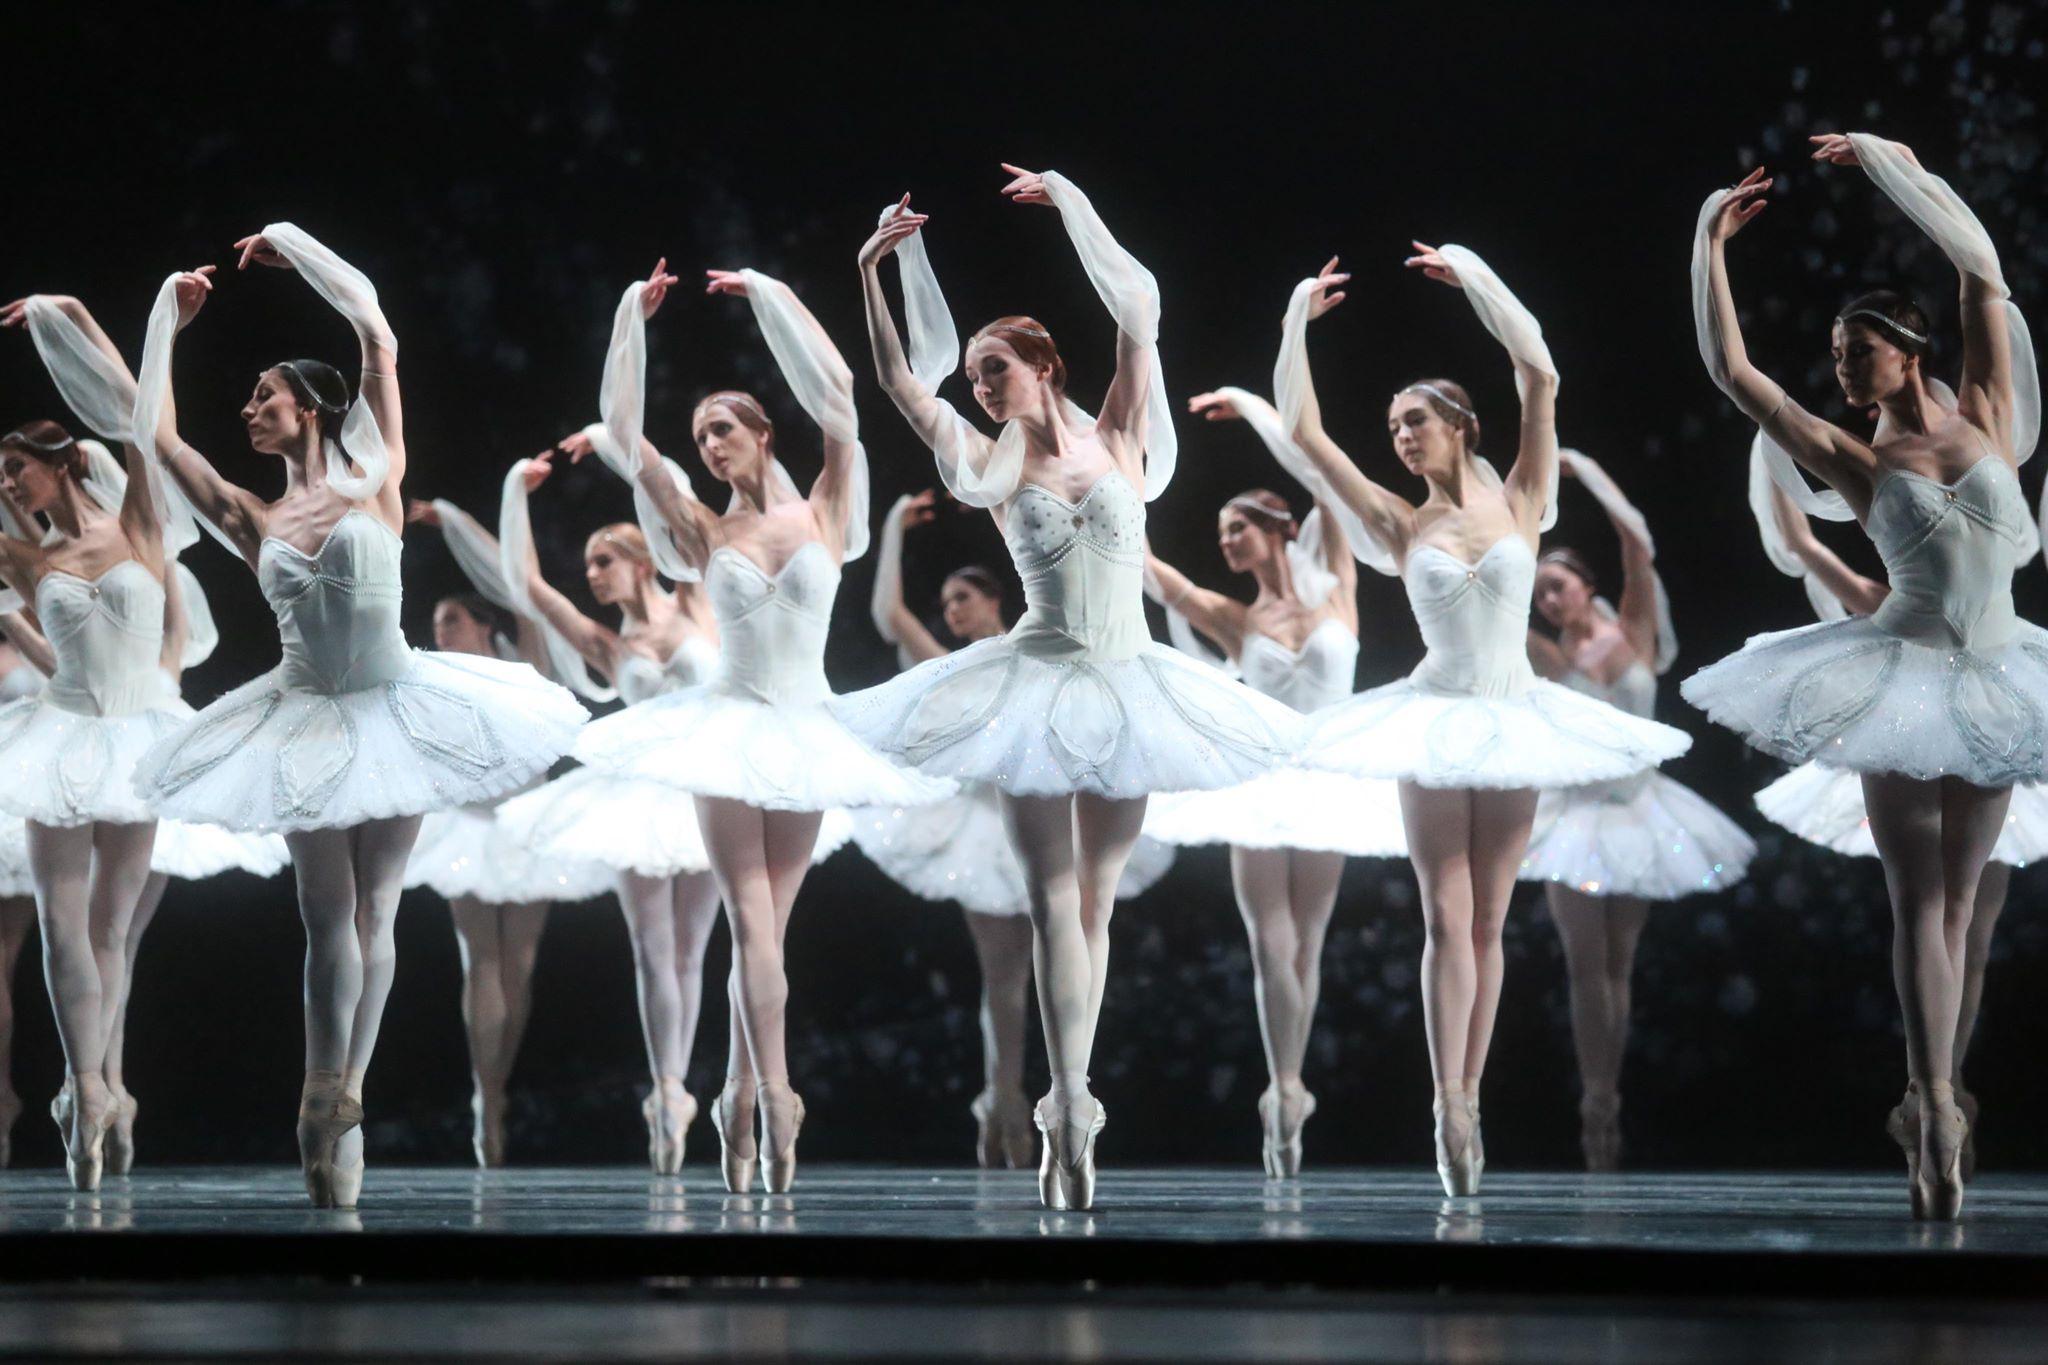 Disegno Di Una Ballerina Classica : Disegno di una ballerina classica libro scultura con il disegno